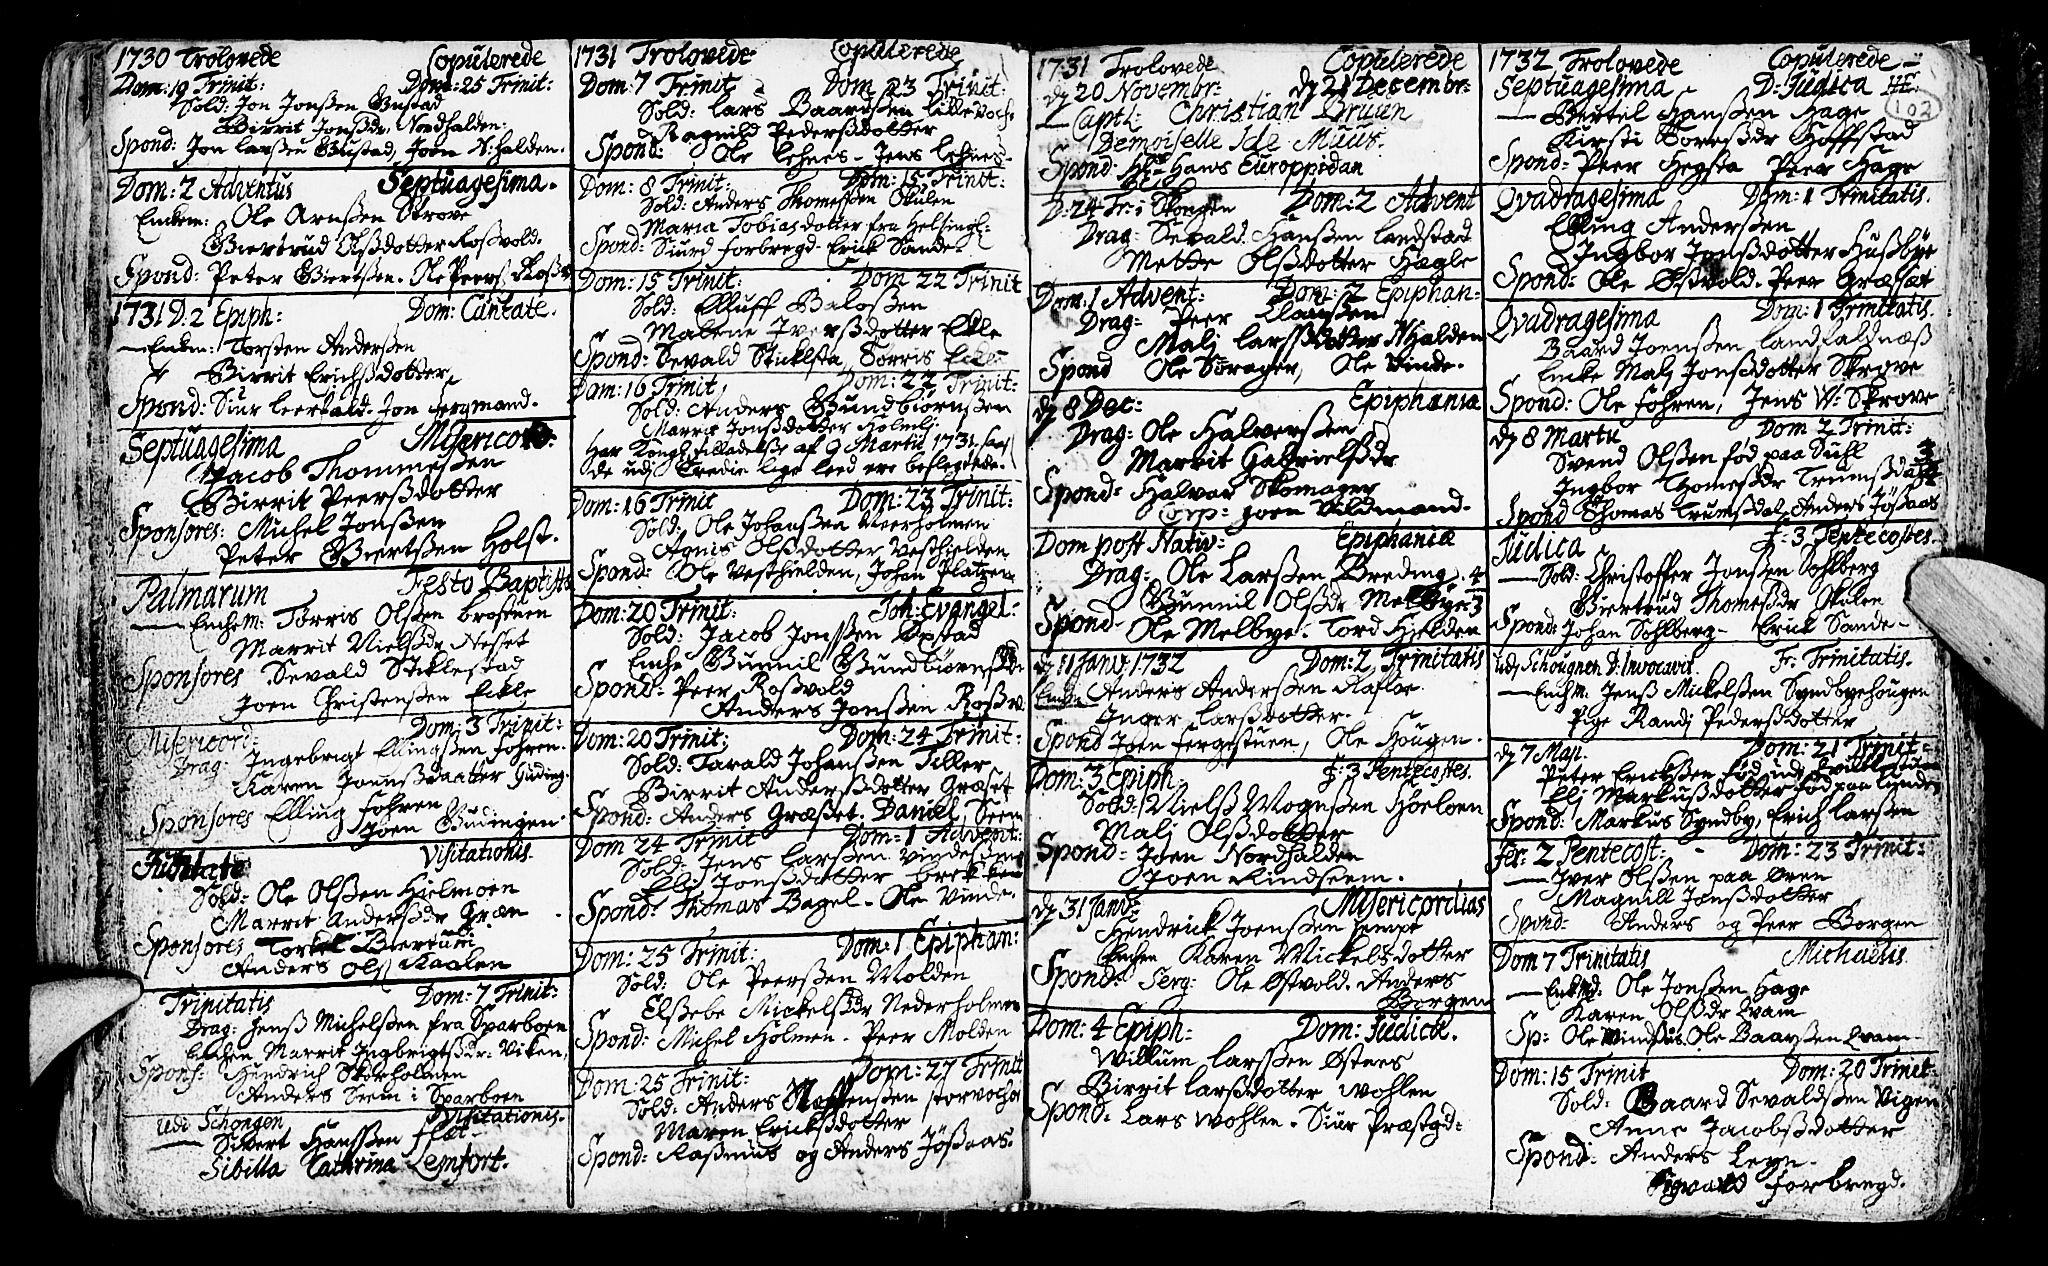 SAT, Ministerialprotokoller, klokkerbøker og fødselsregistre - Nord-Trøndelag, 723/L0230: Ministerialbok nr. 723A01, 1705-1747, s. 102